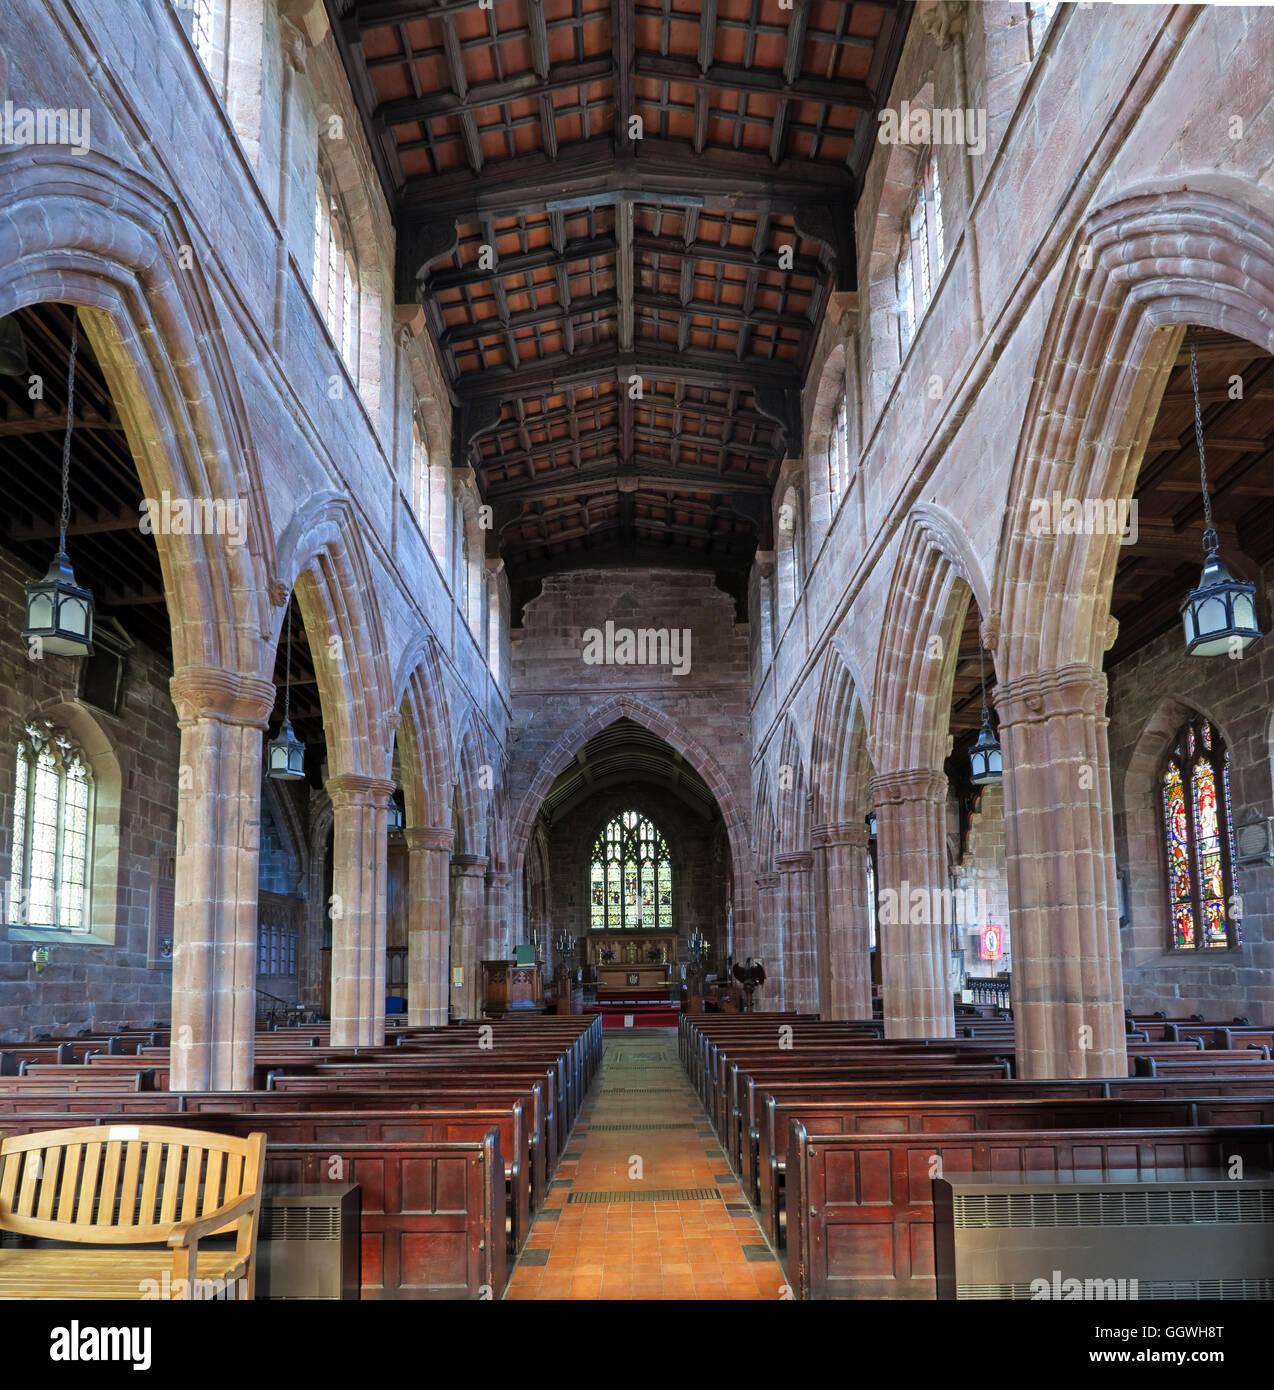 Laden Sie dieses Alamy Stockfoto St Marys & alle Heiligen Kirche Gt Budworth Interieur, Cheshire, England, UK - Blick zum Altar - GGWH8T